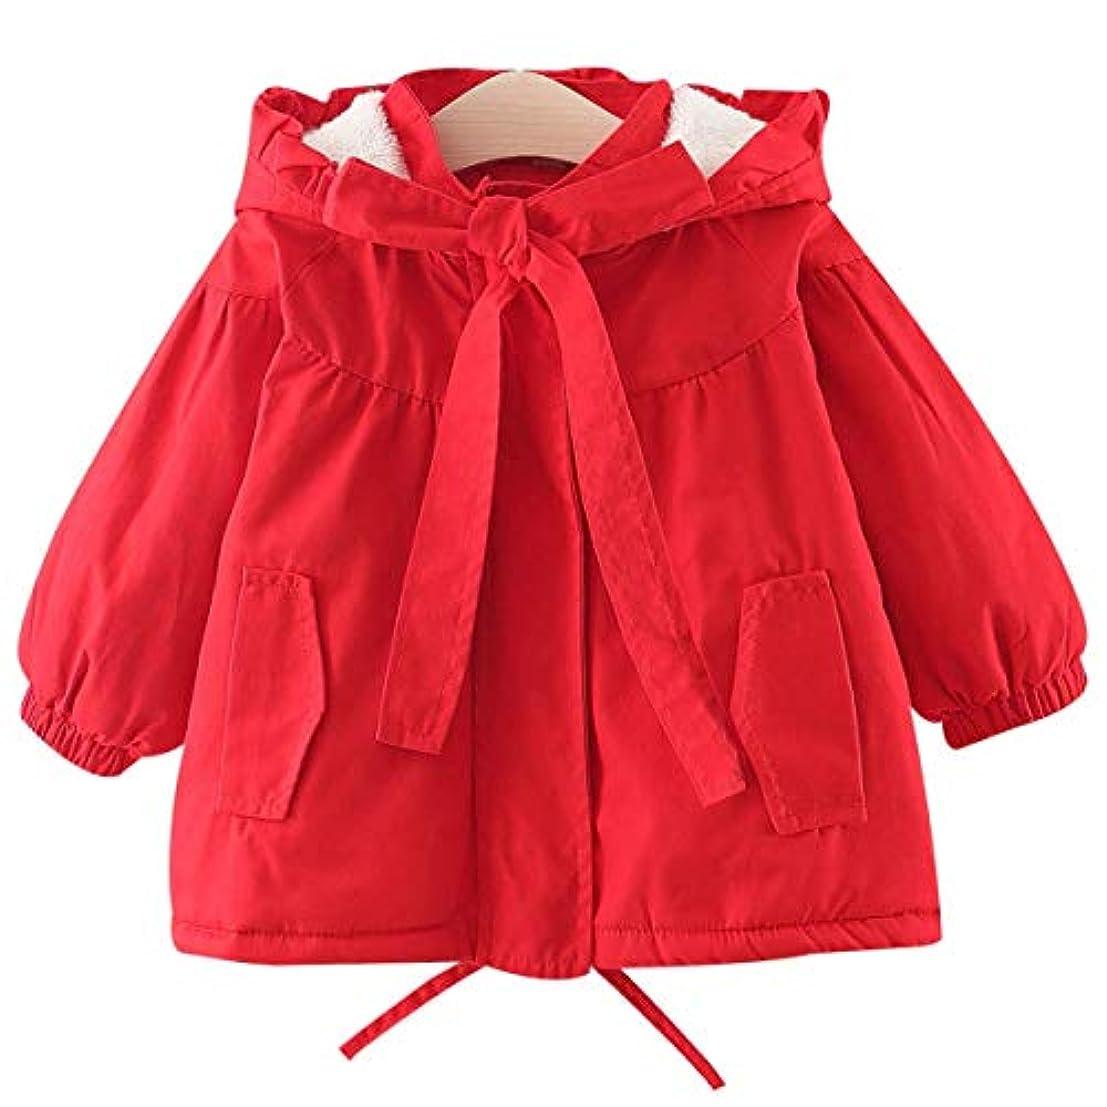 死すべき単語農学2020年秋と冬の新しい女の子の厚い綿のフード付きのウインドブレーカージャケット厚いフリースの裏地赤ん坊の赤ずきんちゃん赤ちゃんのセーターコットンジャケットちょう結びのジャケット3ヶ月から42ヶ月までの子供に適しています